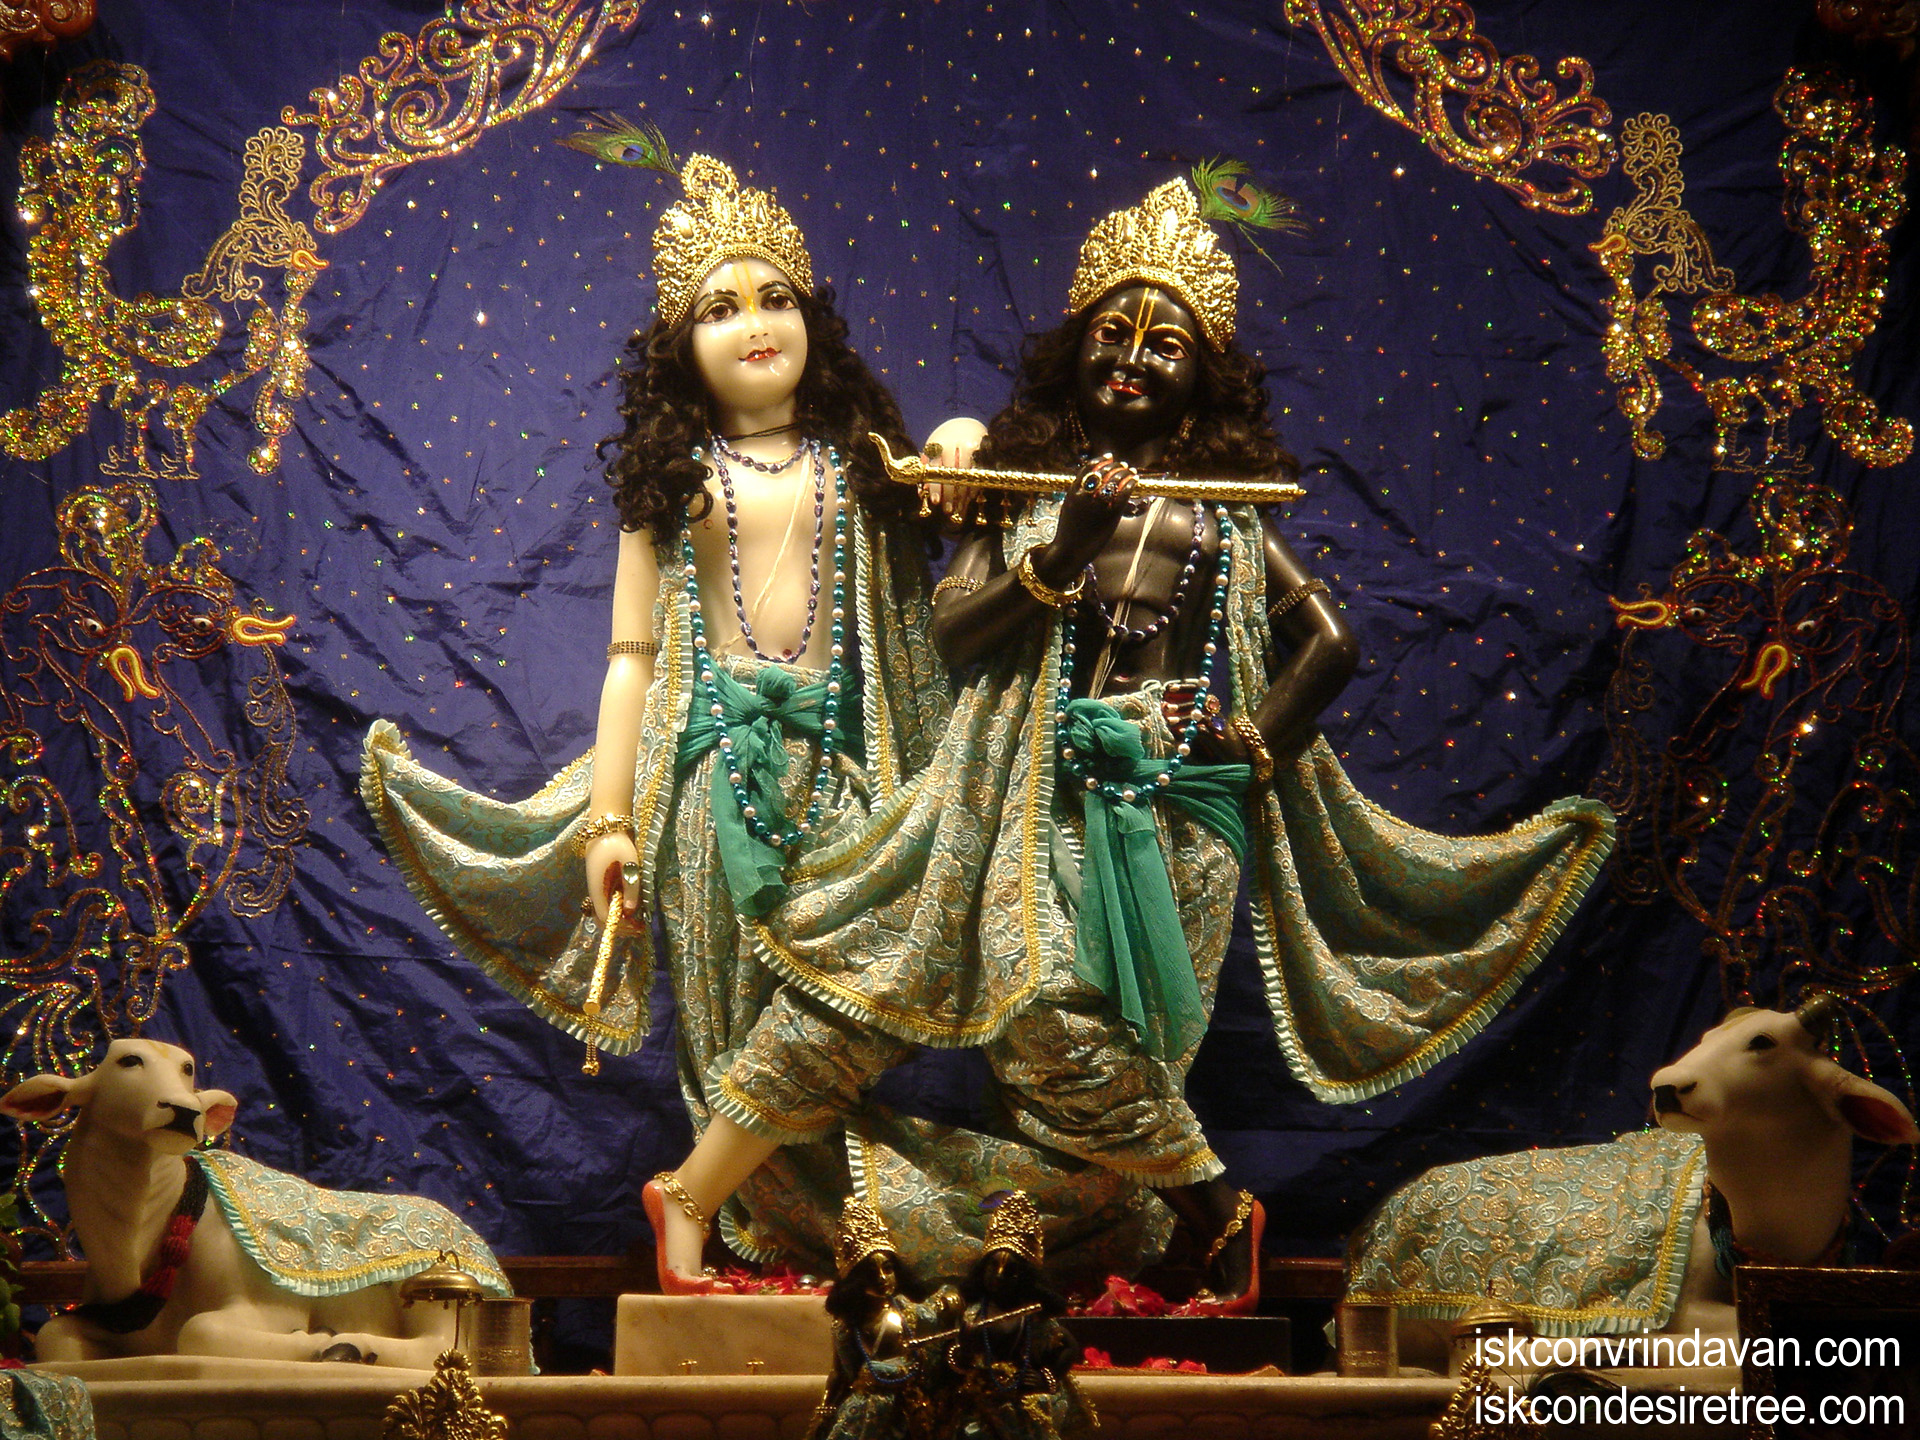 101-Sri_Sri_Krishna_Balaram_-_1920x1440